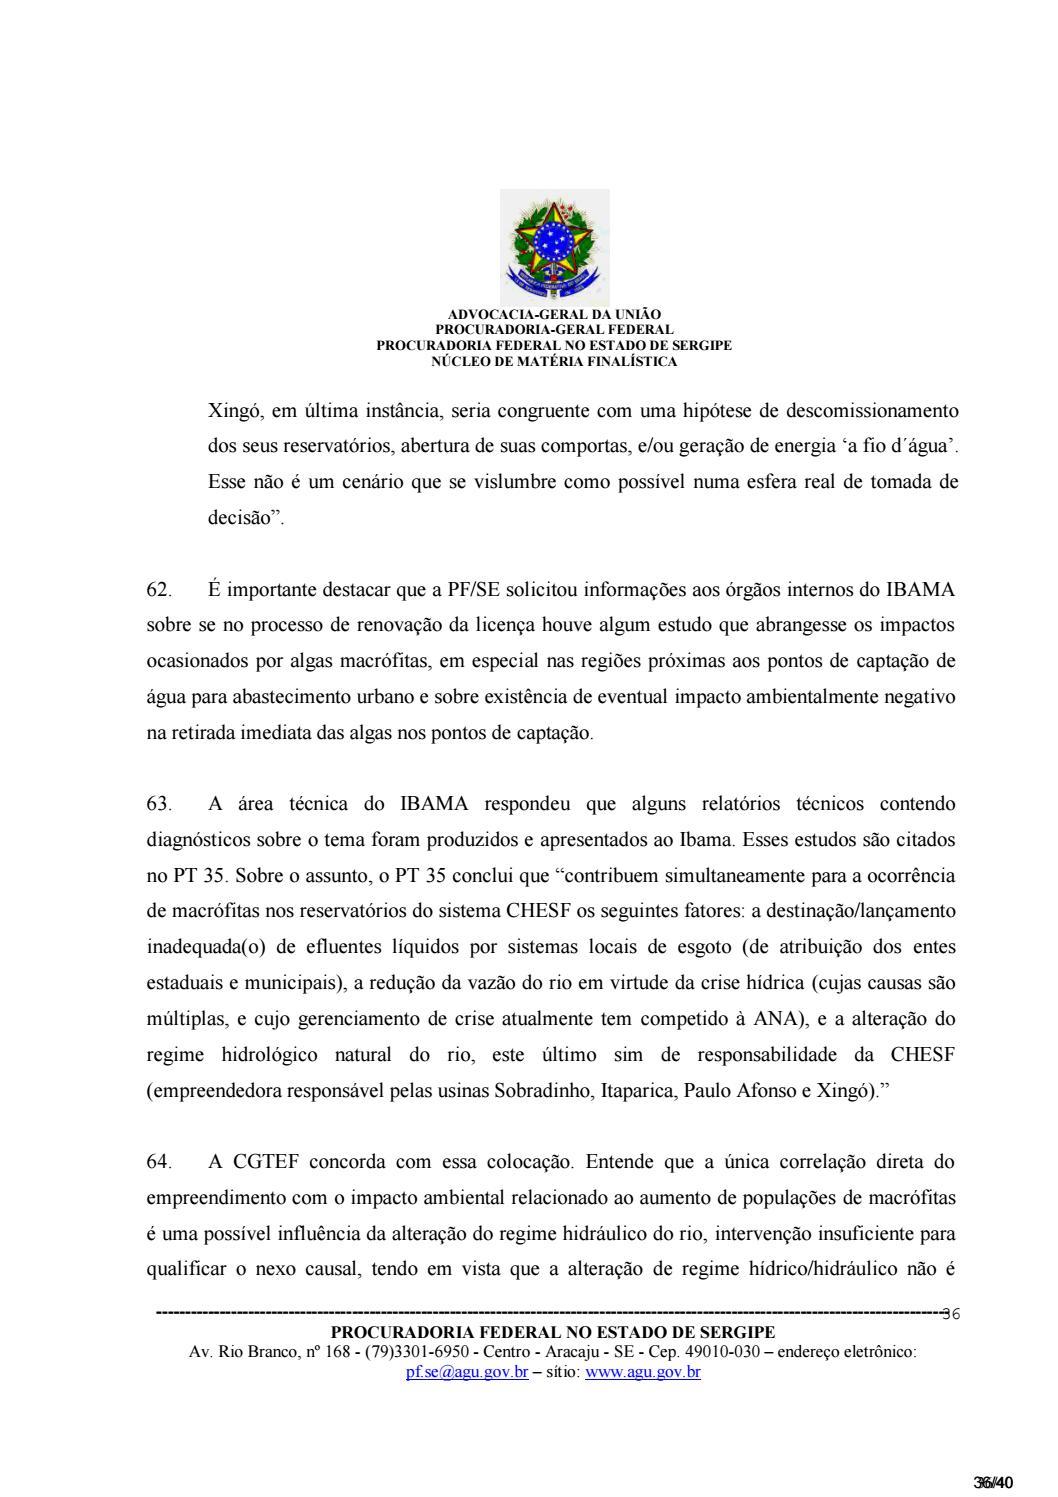 956417b9b ACP (proc.0800279-14.2016.4.05.8504) - Invasão Algas e Macrófitas no Baixo  São Fco. Vol IV by Canoa Docs - issuu